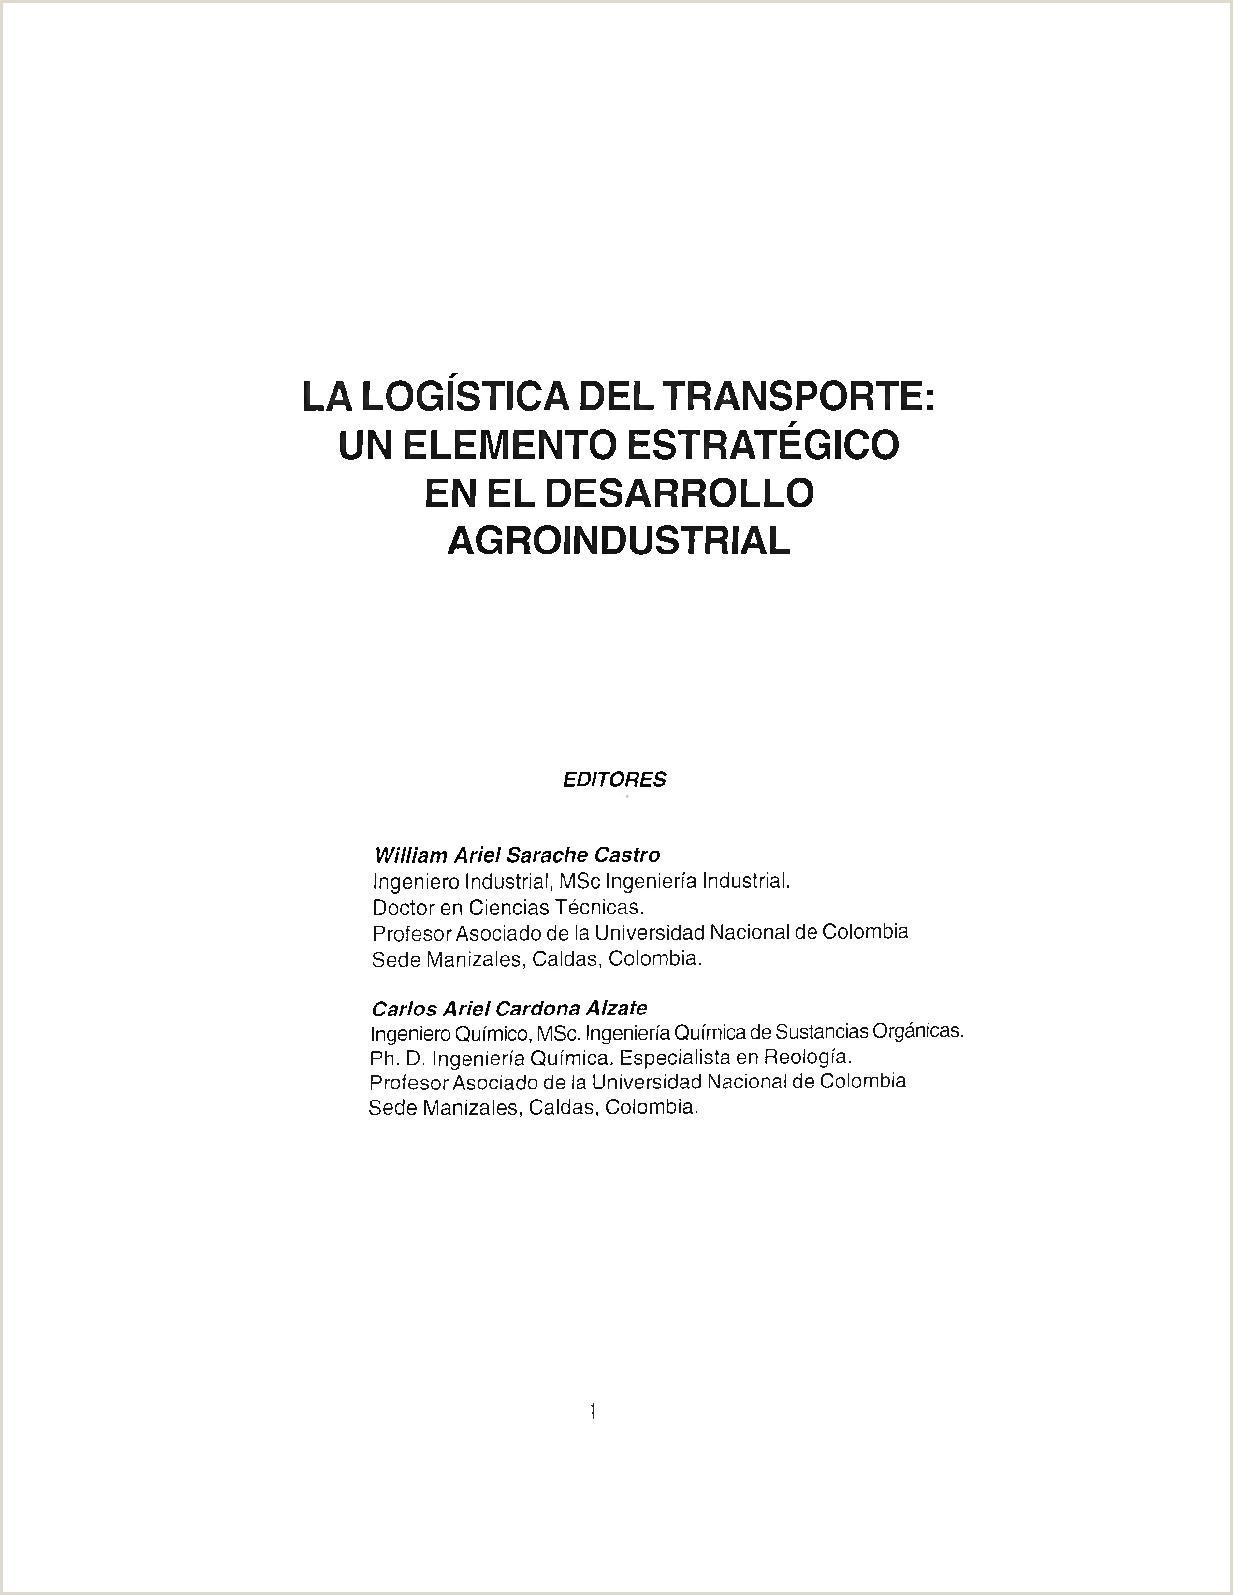 Formato Unico De Hoja De Vida Universidad Del Quindio Calaméo La Logstica Del Transporte Un Elemento